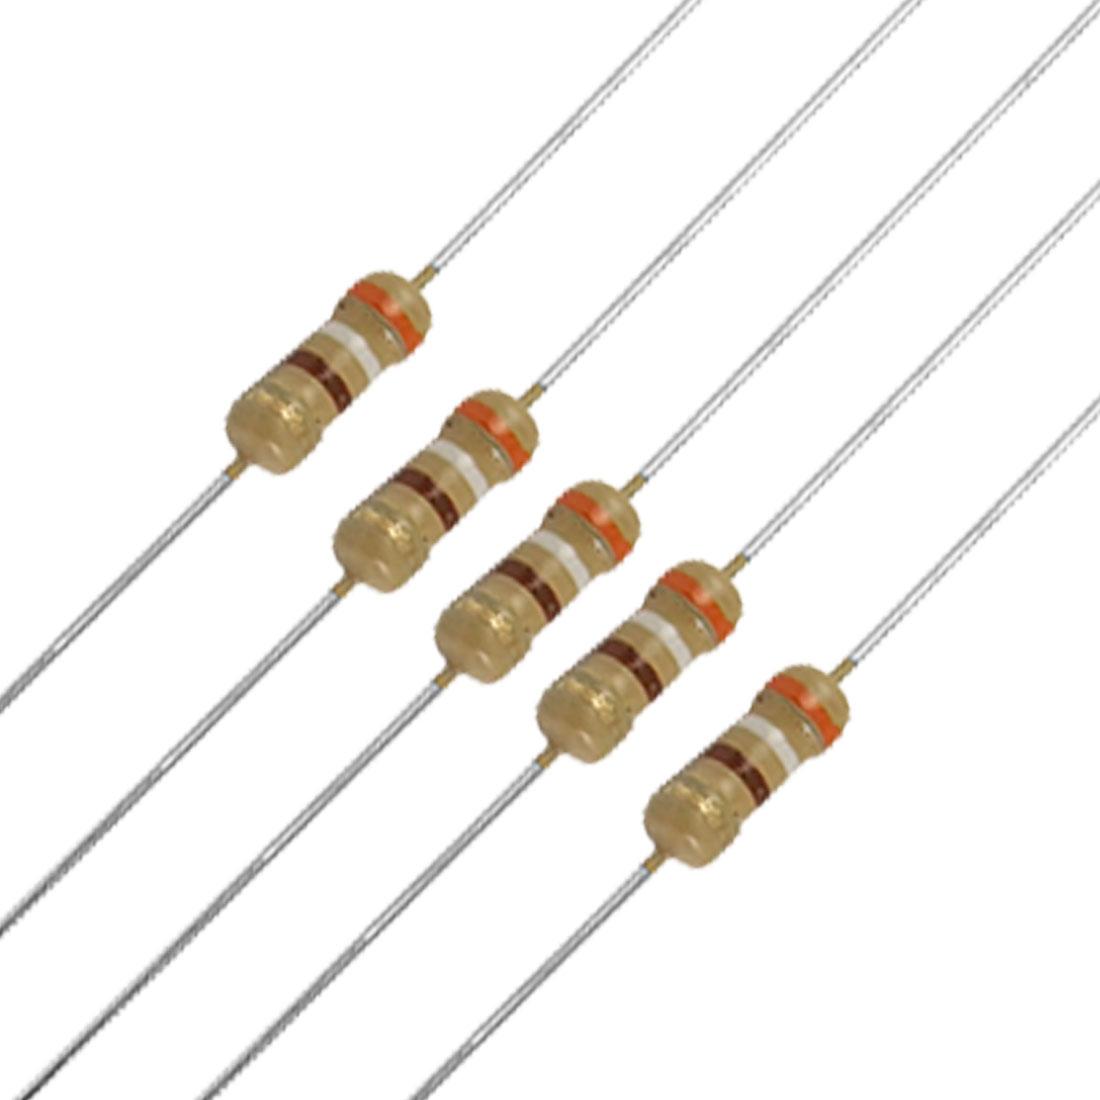 50 x 1/4W 250V 390 Ohm Axial Carbon Film Resistors